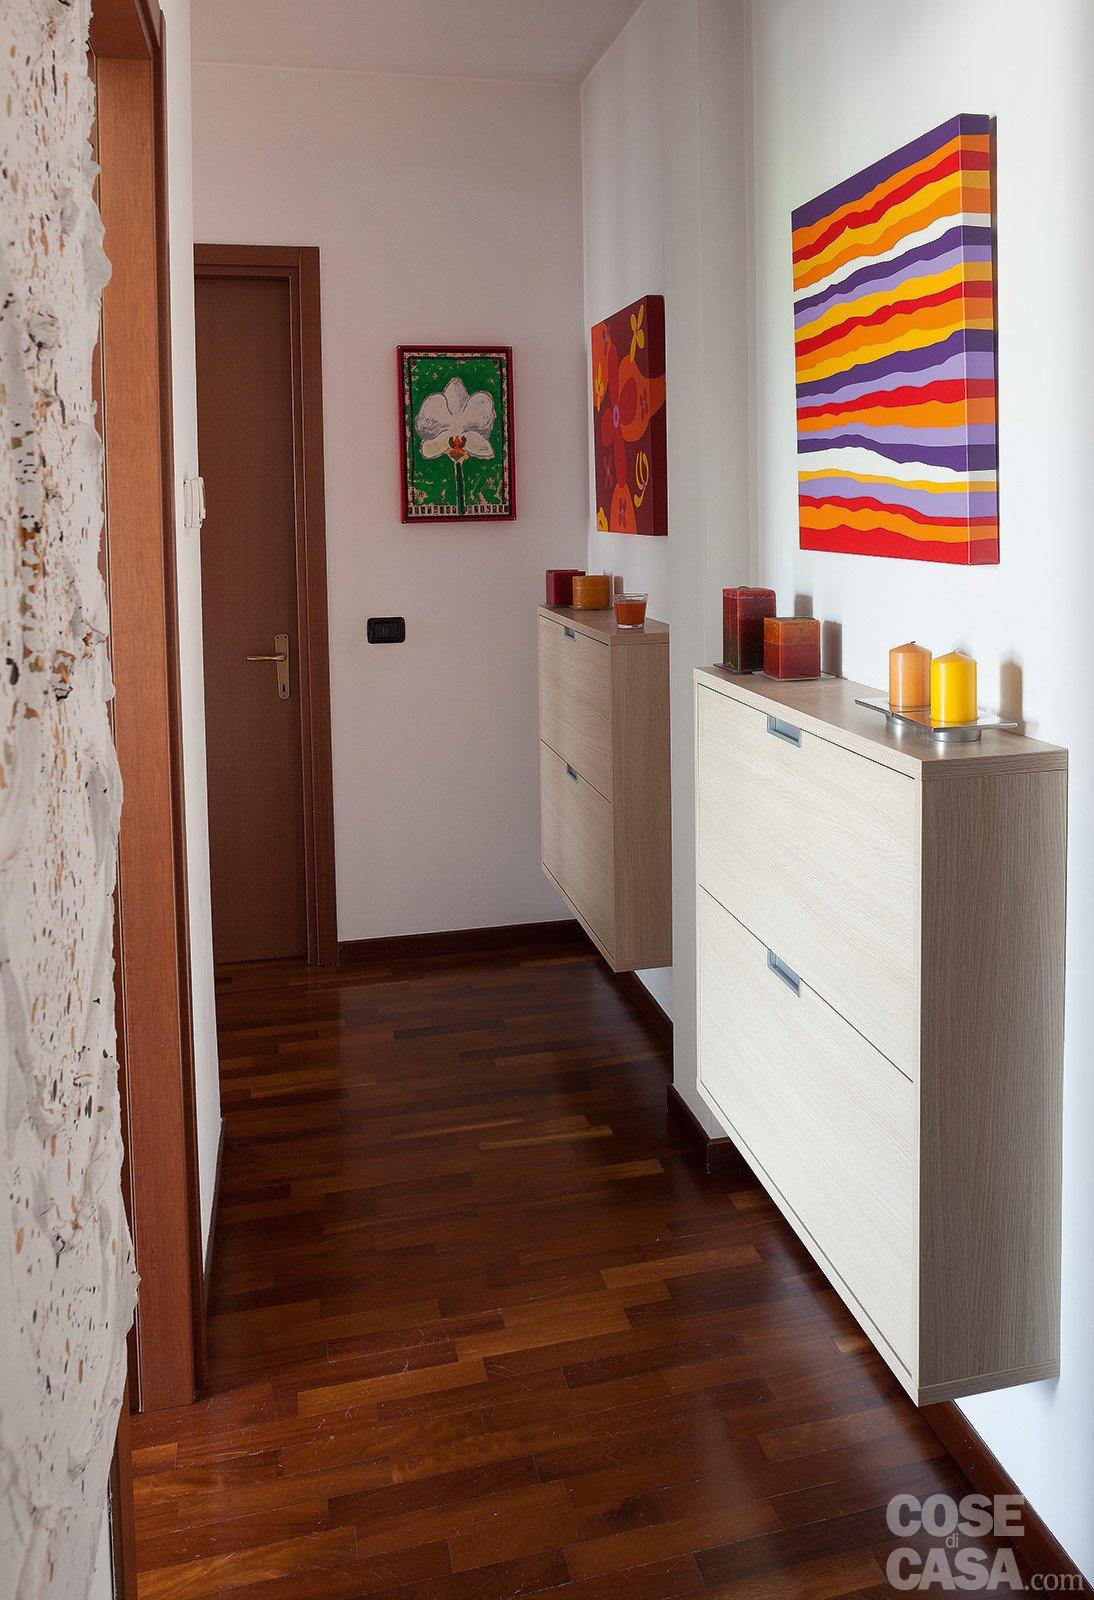 Una casa formato famiglia cose di casa for Foto di appartamenti arredati